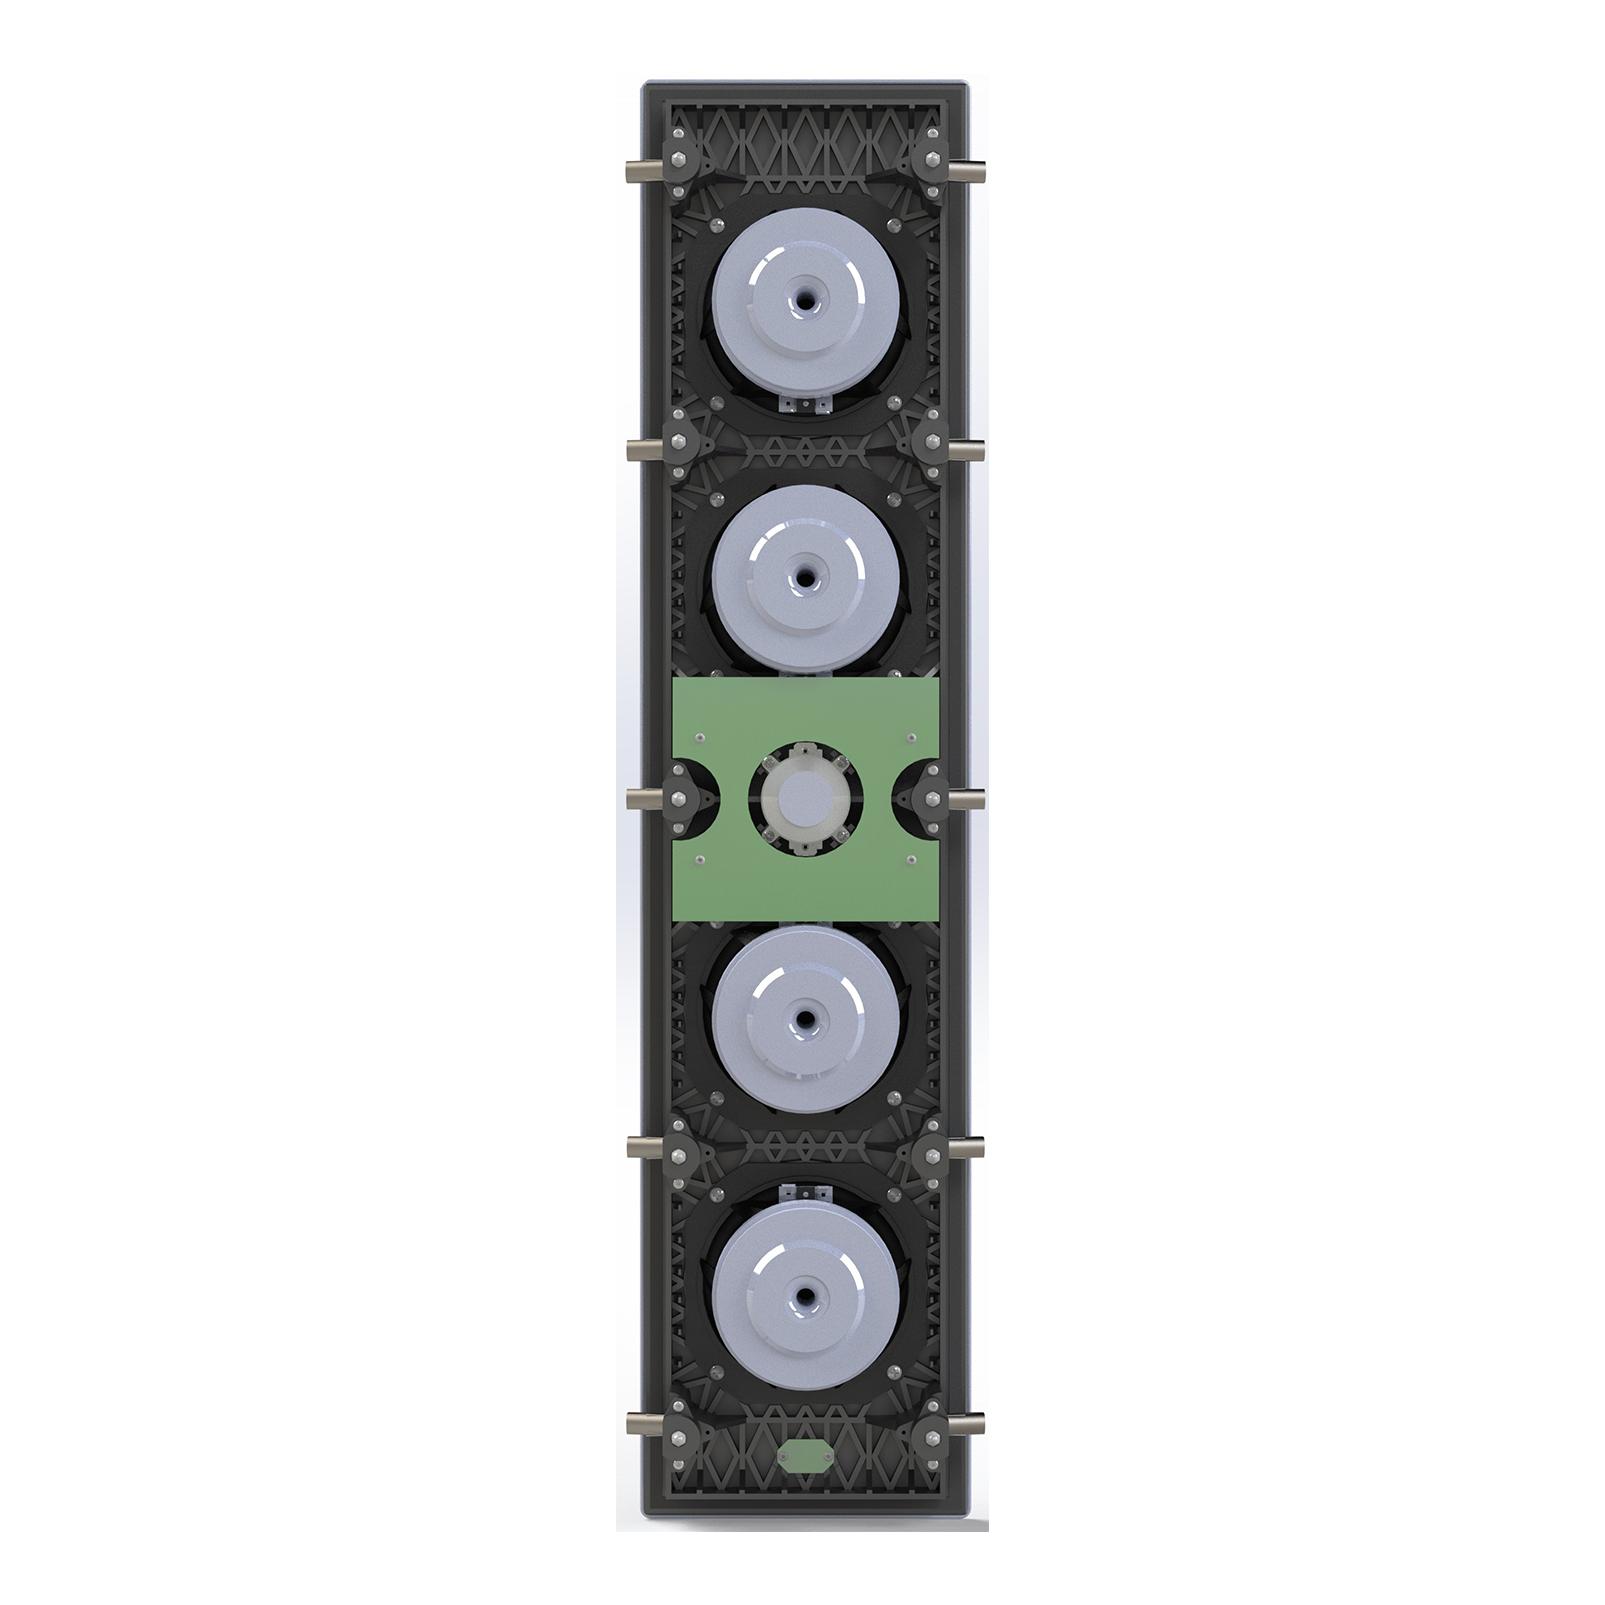 SCL-6 - Black - 2.5-Way Quadruple 5.25-inch (130mm) In-Wall Loudspeaker - Back